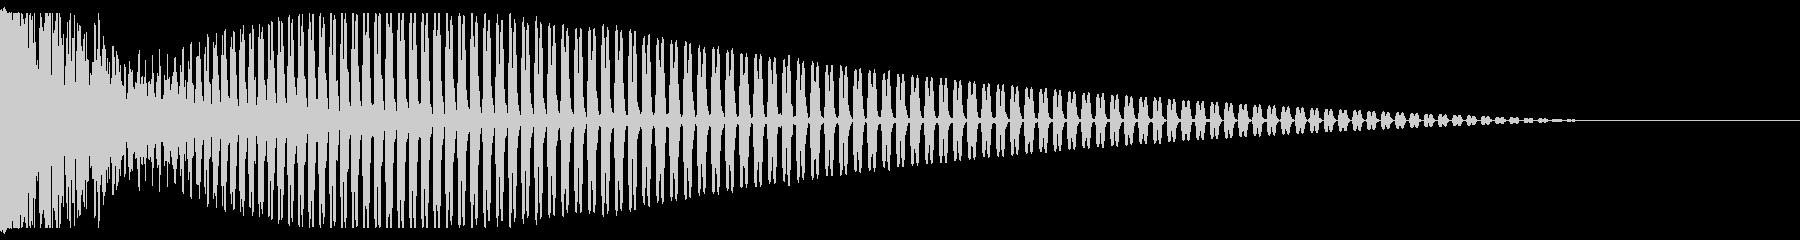 バーン(打楽器を強く叩きつける音)の未再生の波形